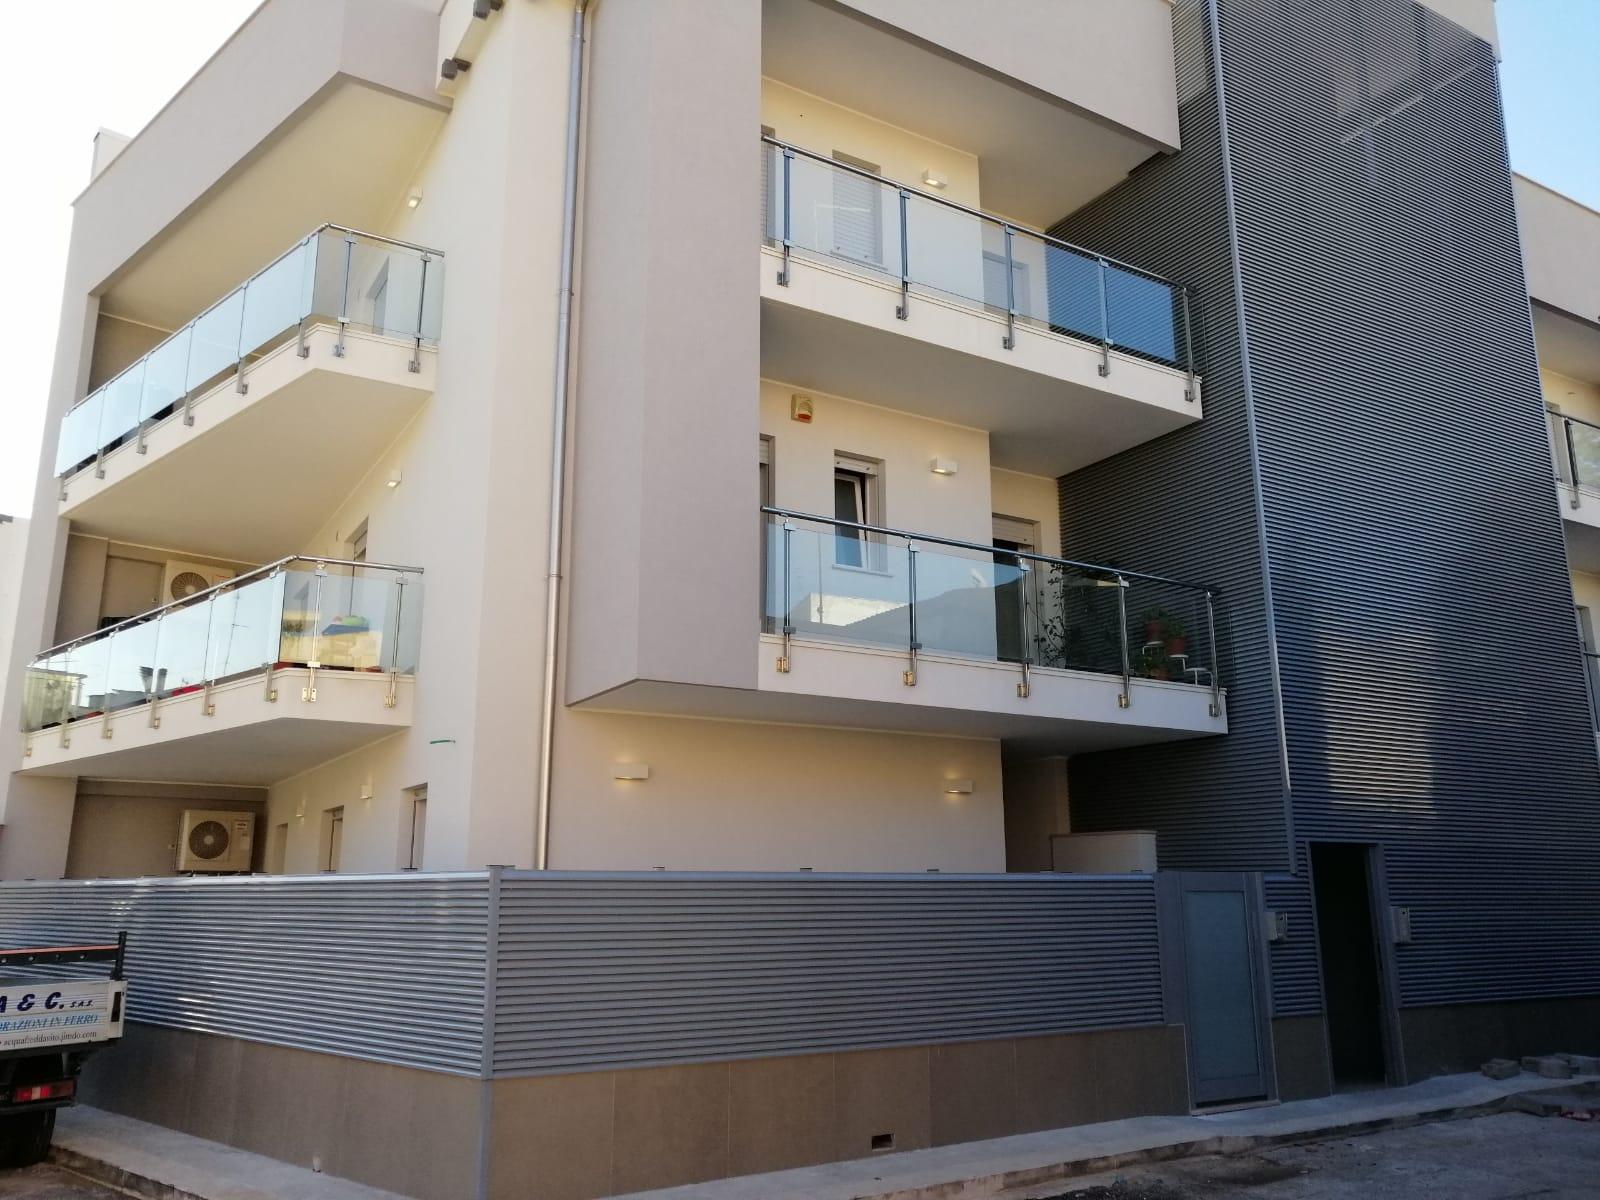 Balconi e ringhiere Bari, Brindisi e in Puglia - 2